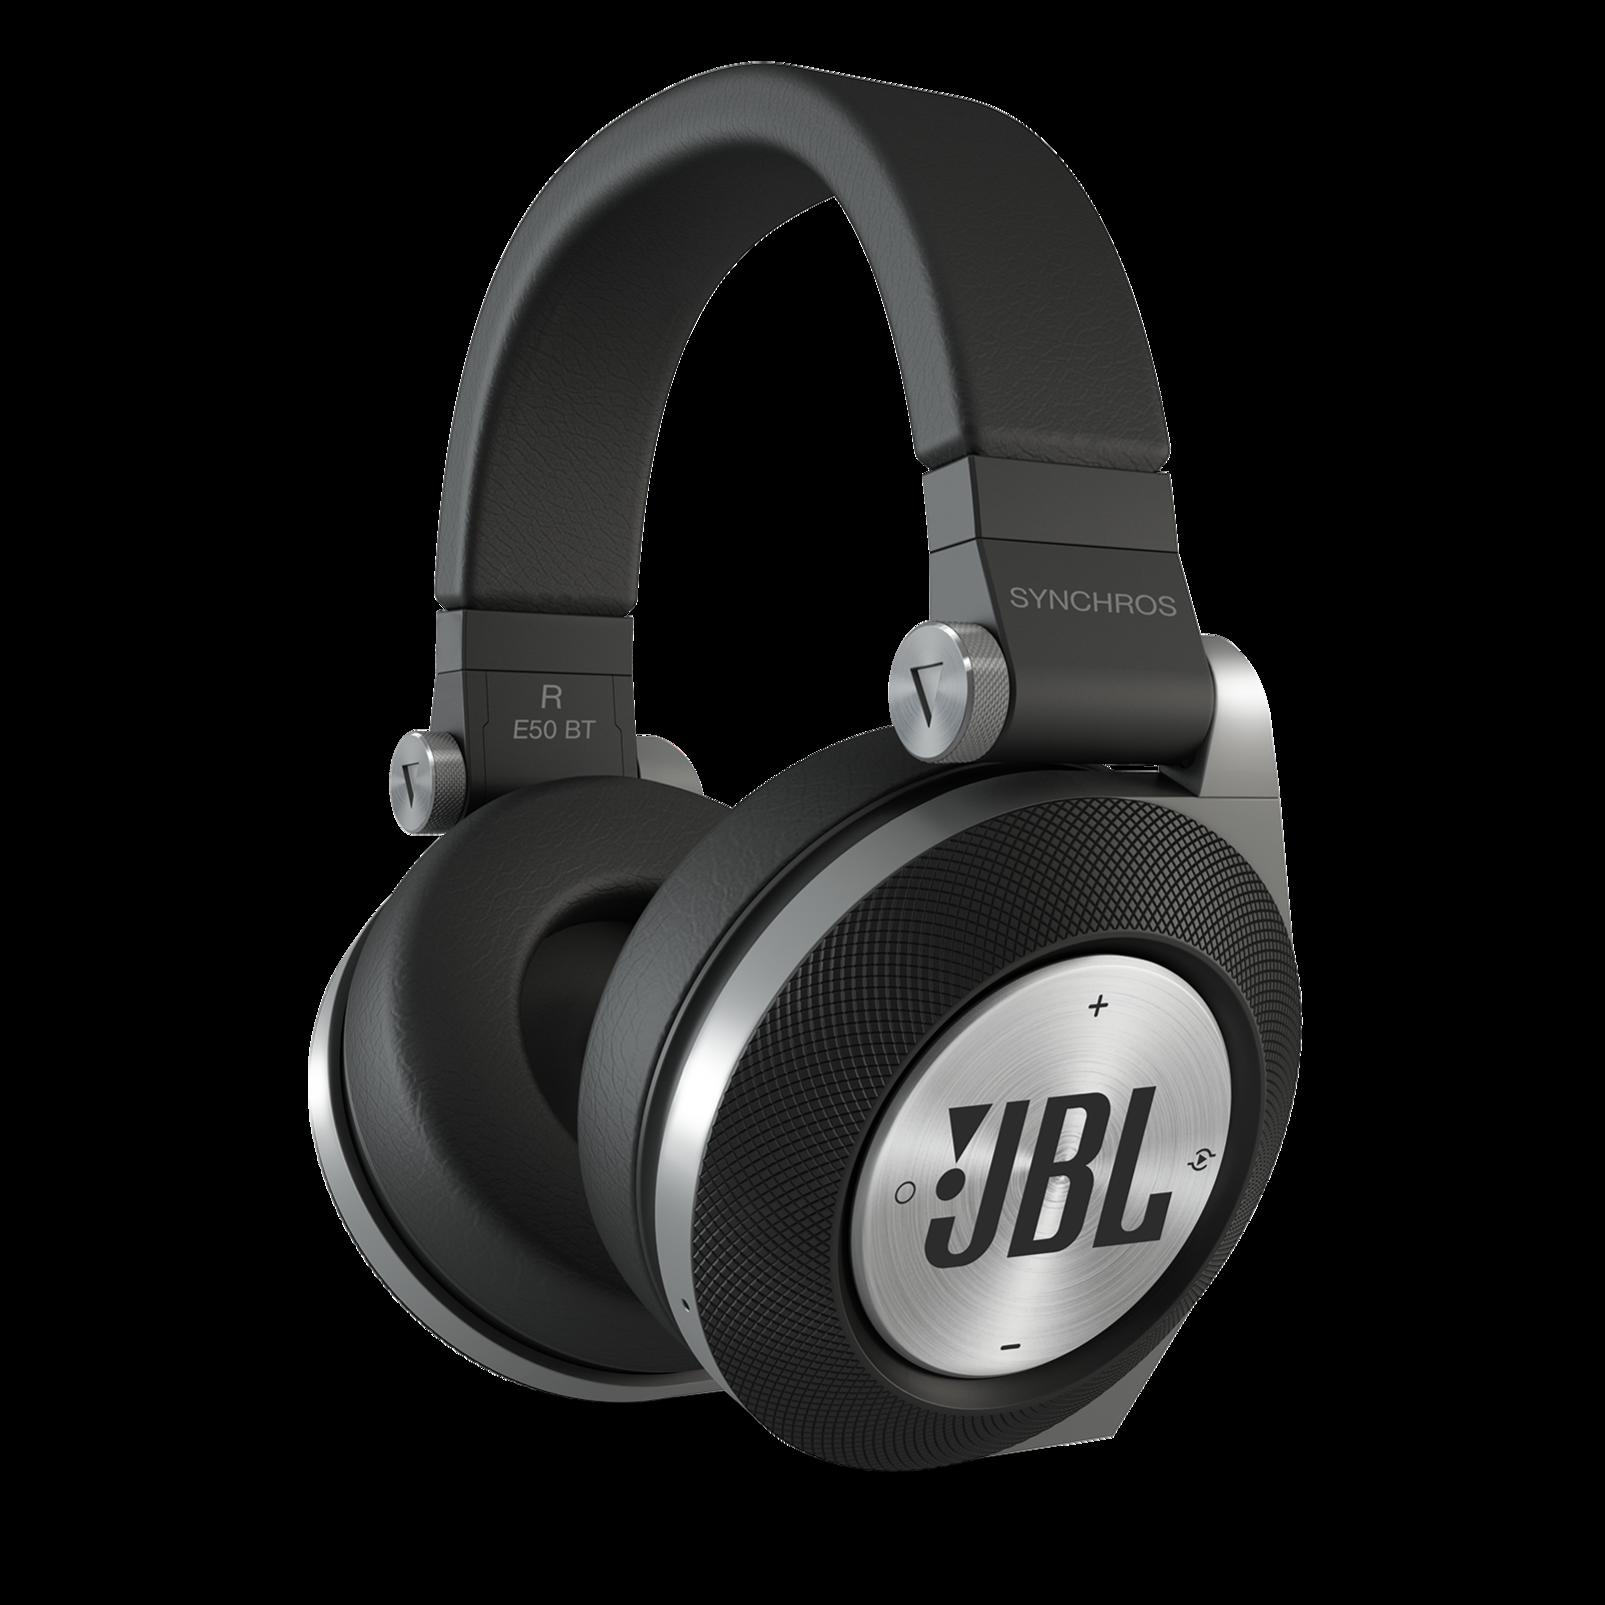 Dating JBL högtalare med serie nummer